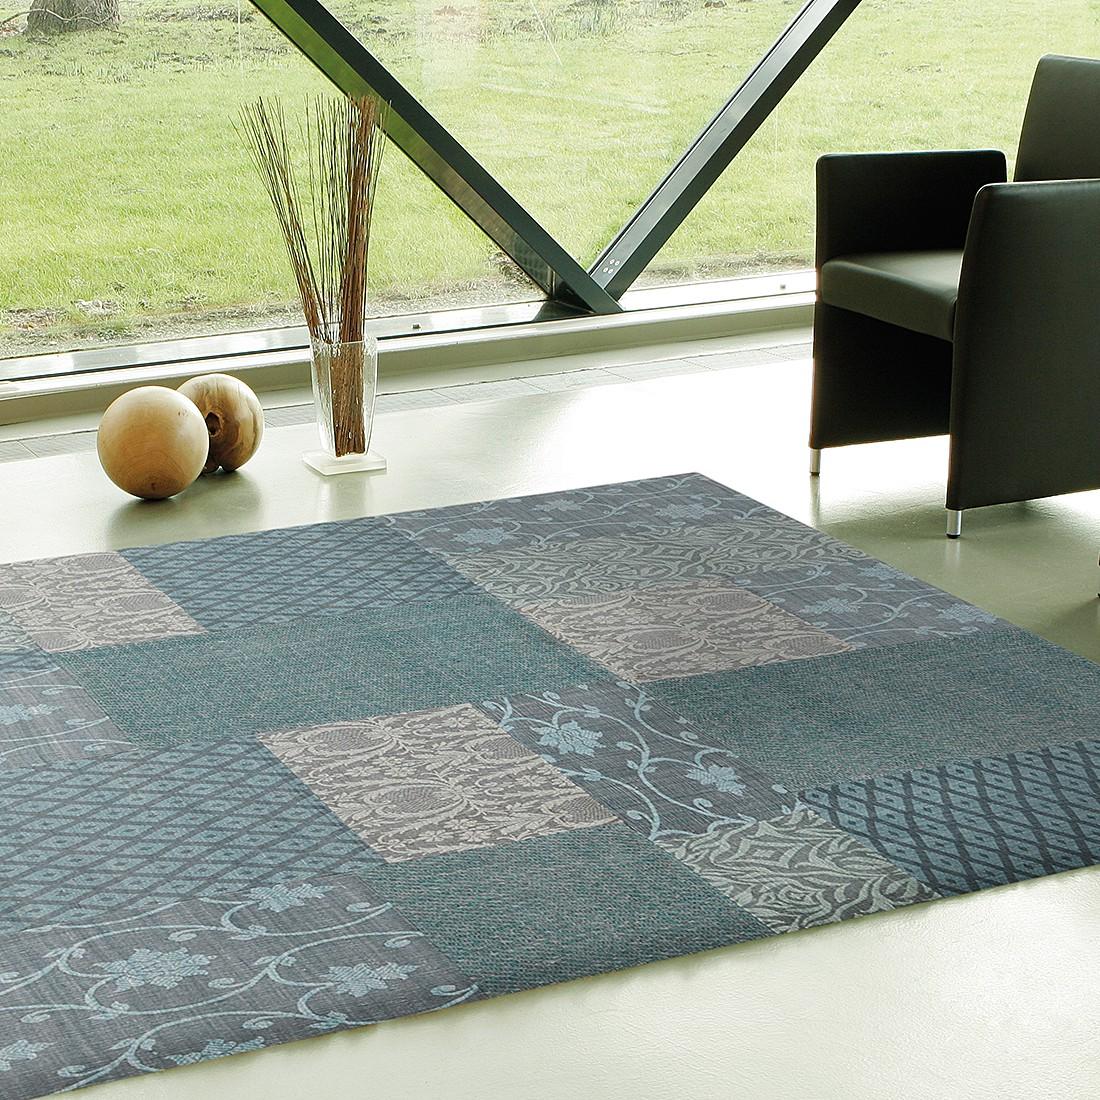 Teppich Easy Sunset – Wolle/Grün – 90×160 cm, Brigitte Home kaufen